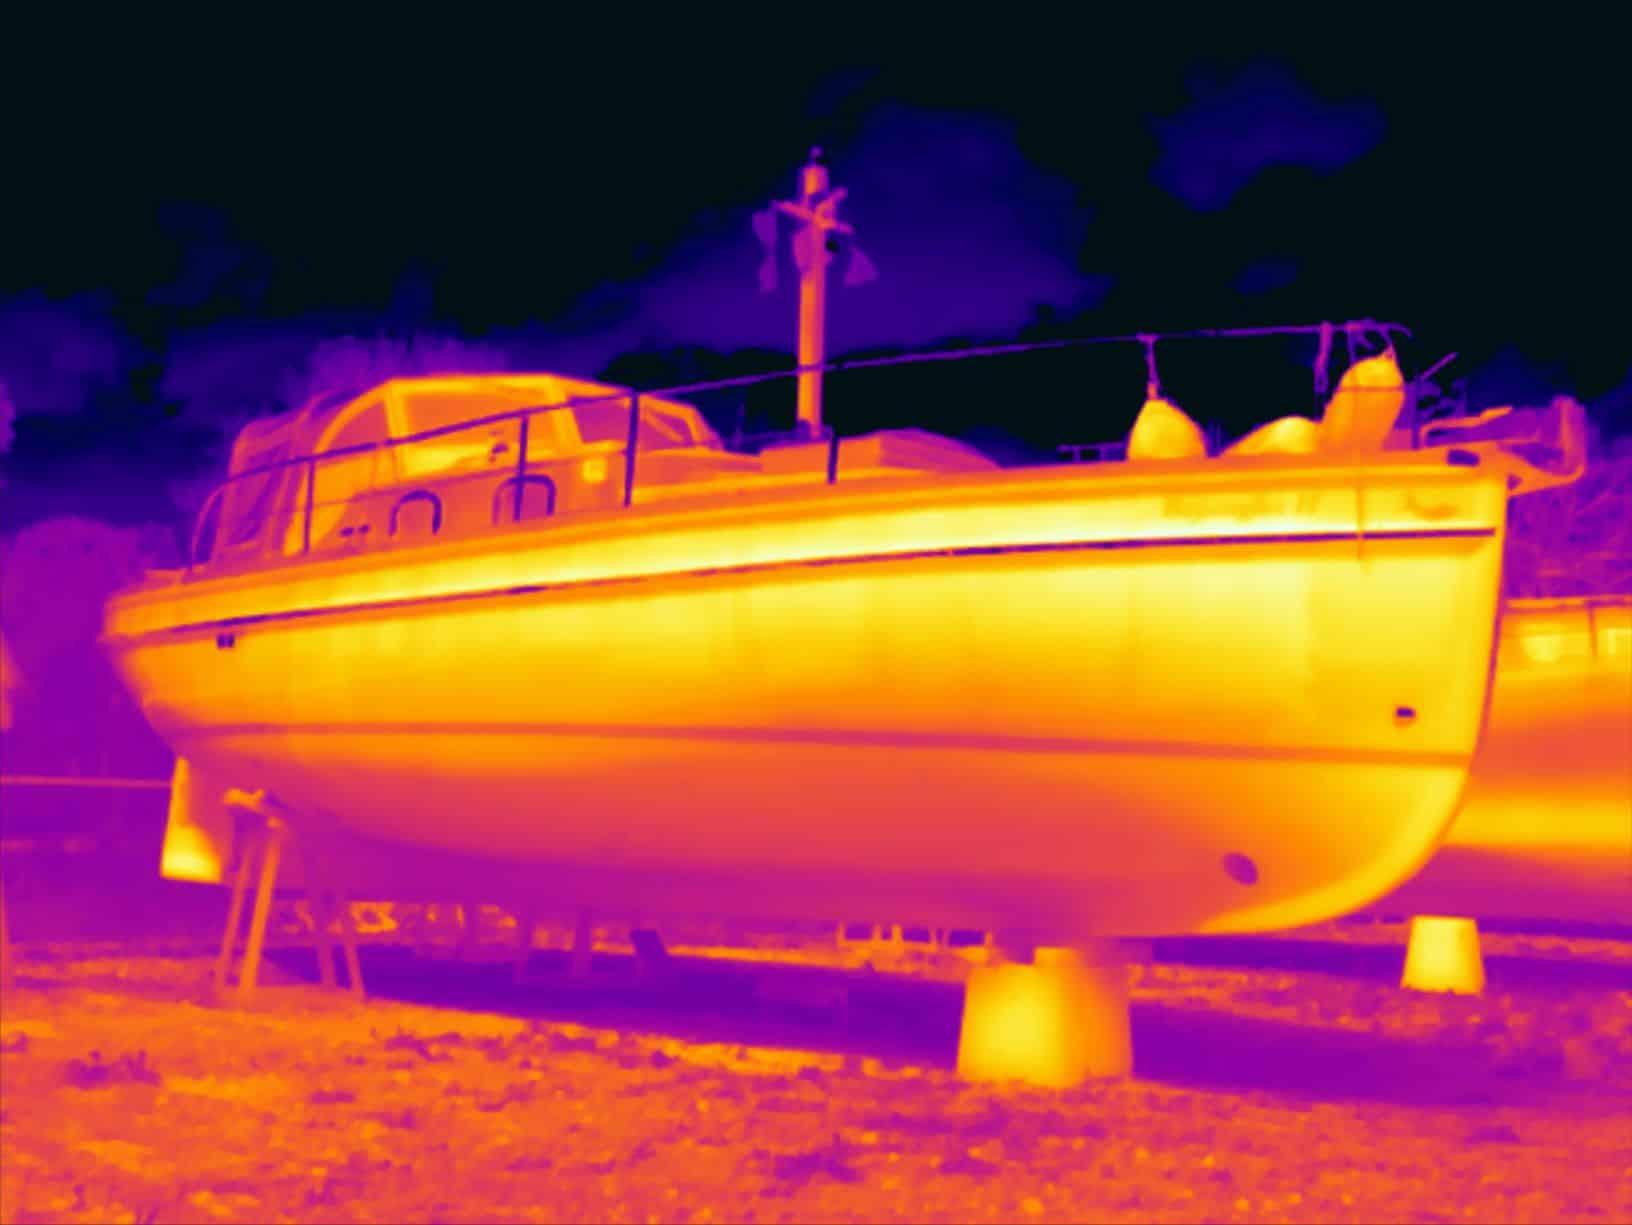 Thermografie bij boten is één van de toepassingen van thermografie.